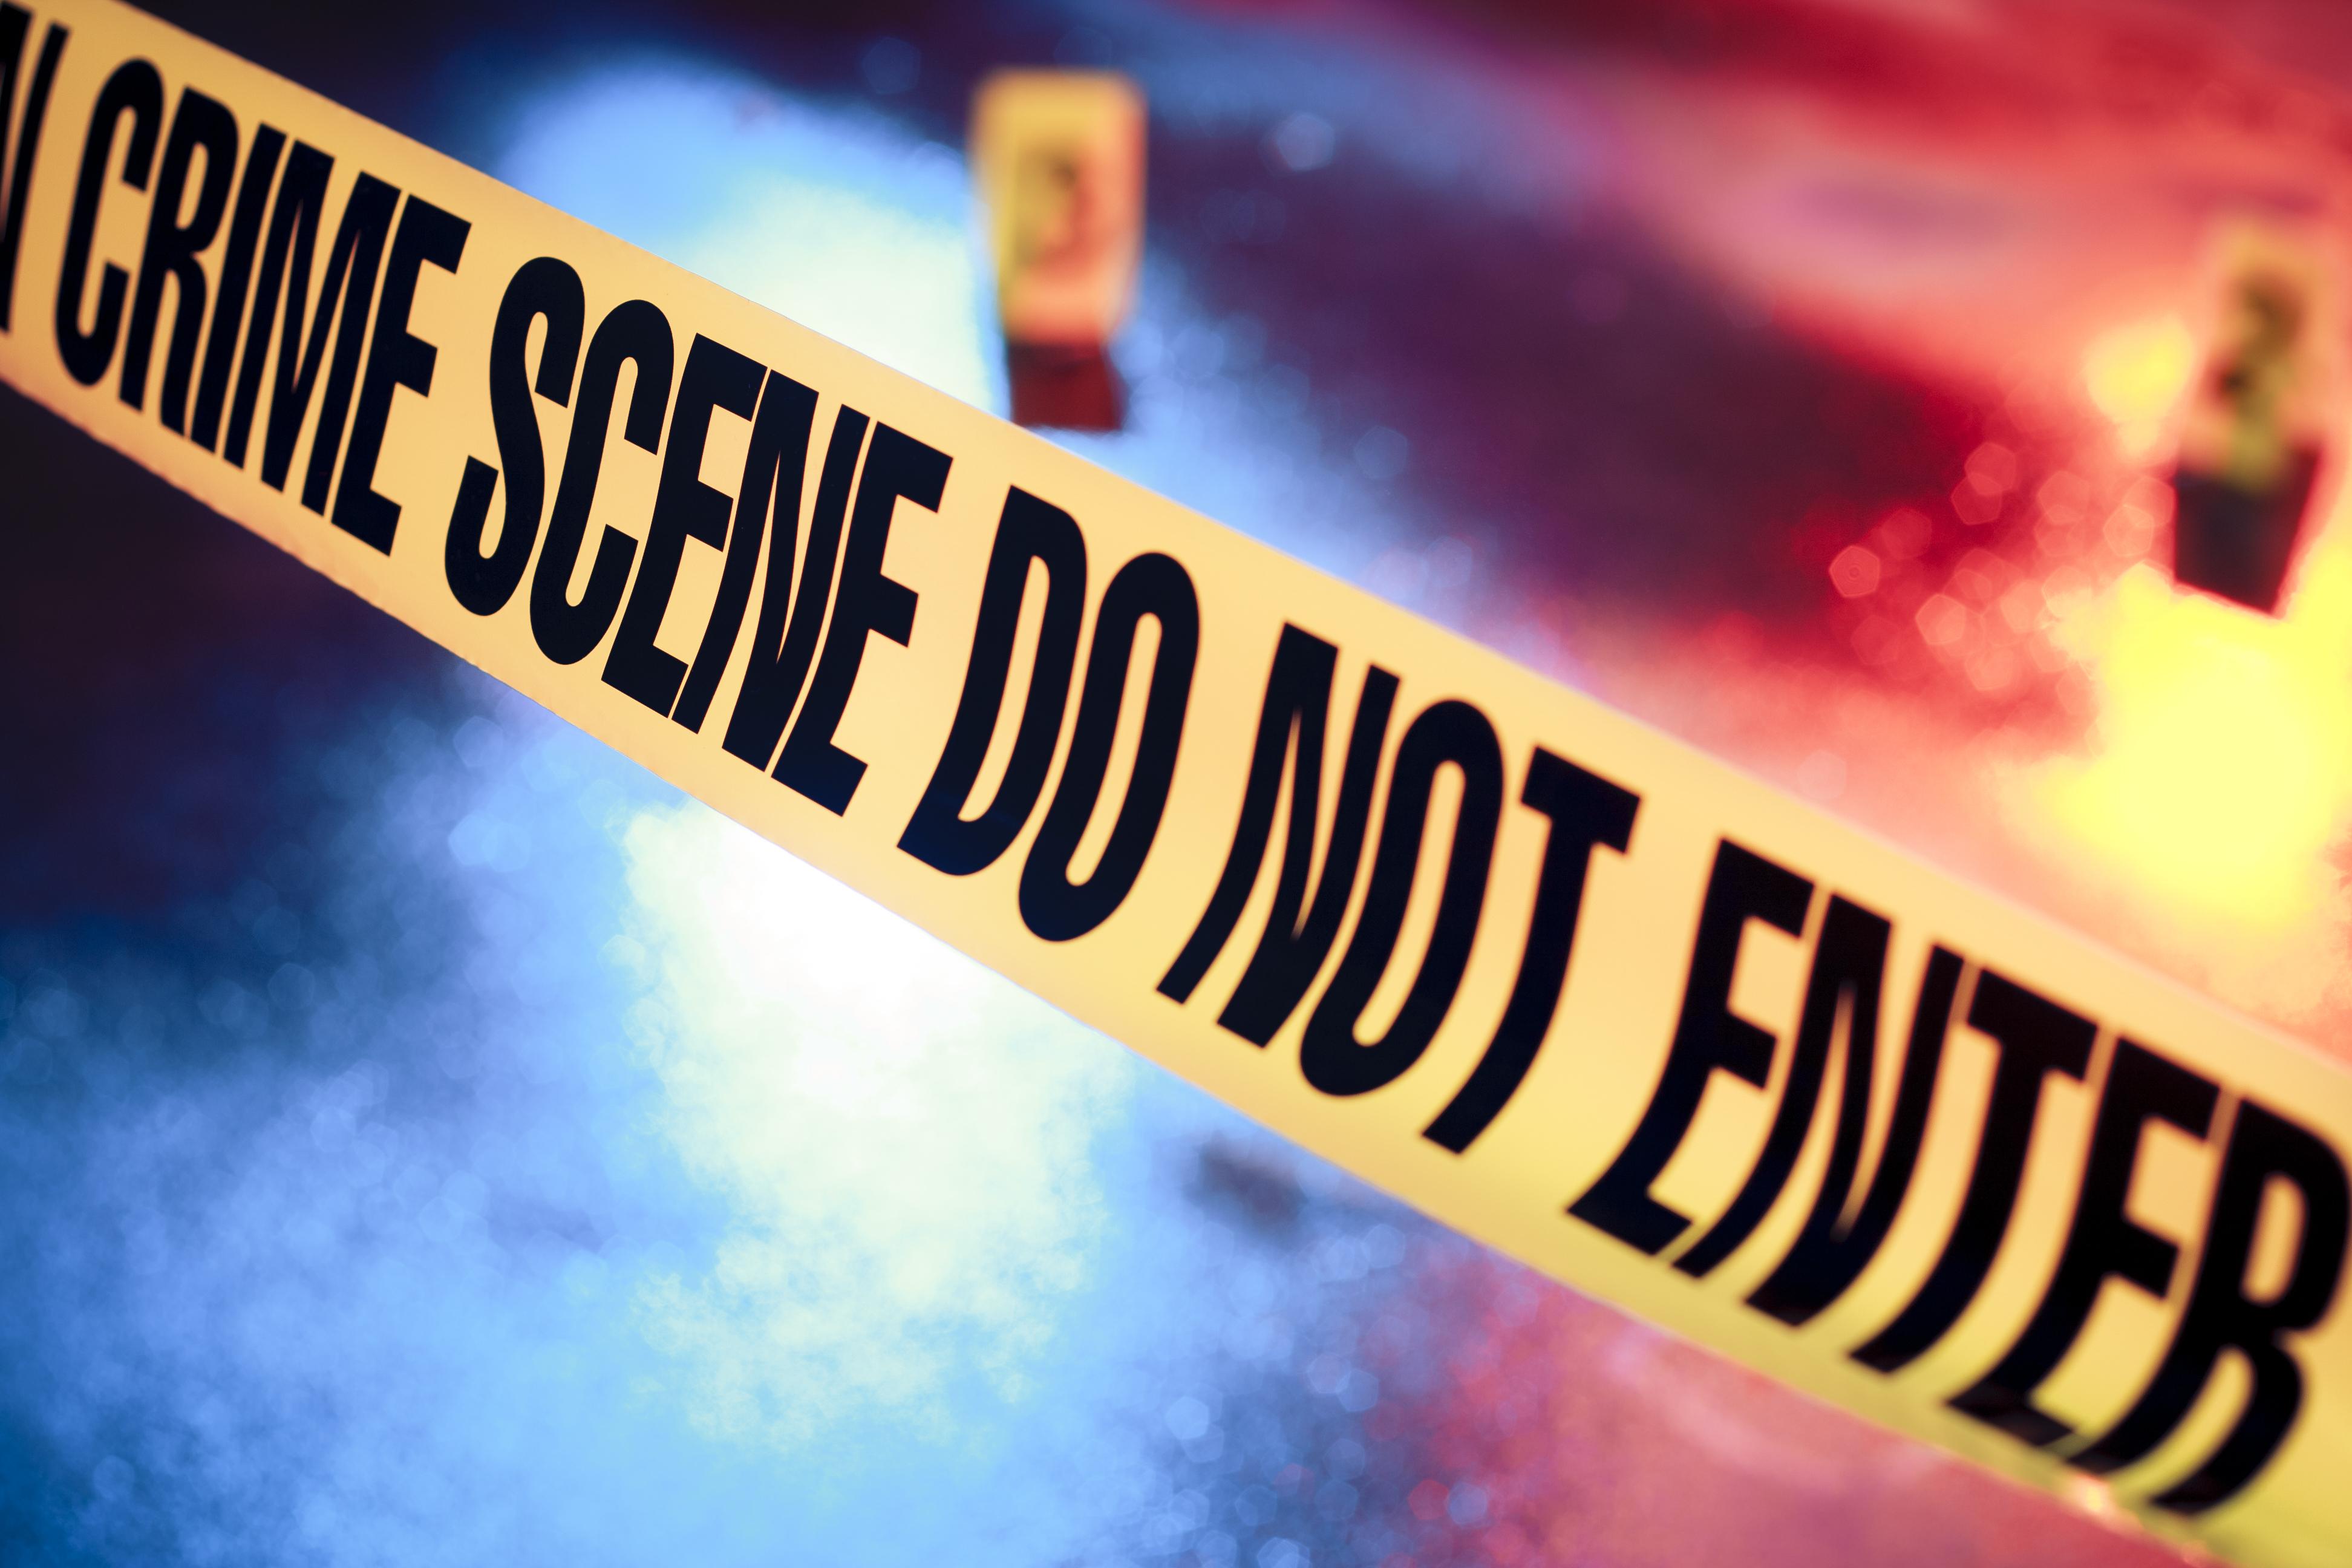 După ce i-a murit soția, un francez a descoperit trei cadavre într-un dulap